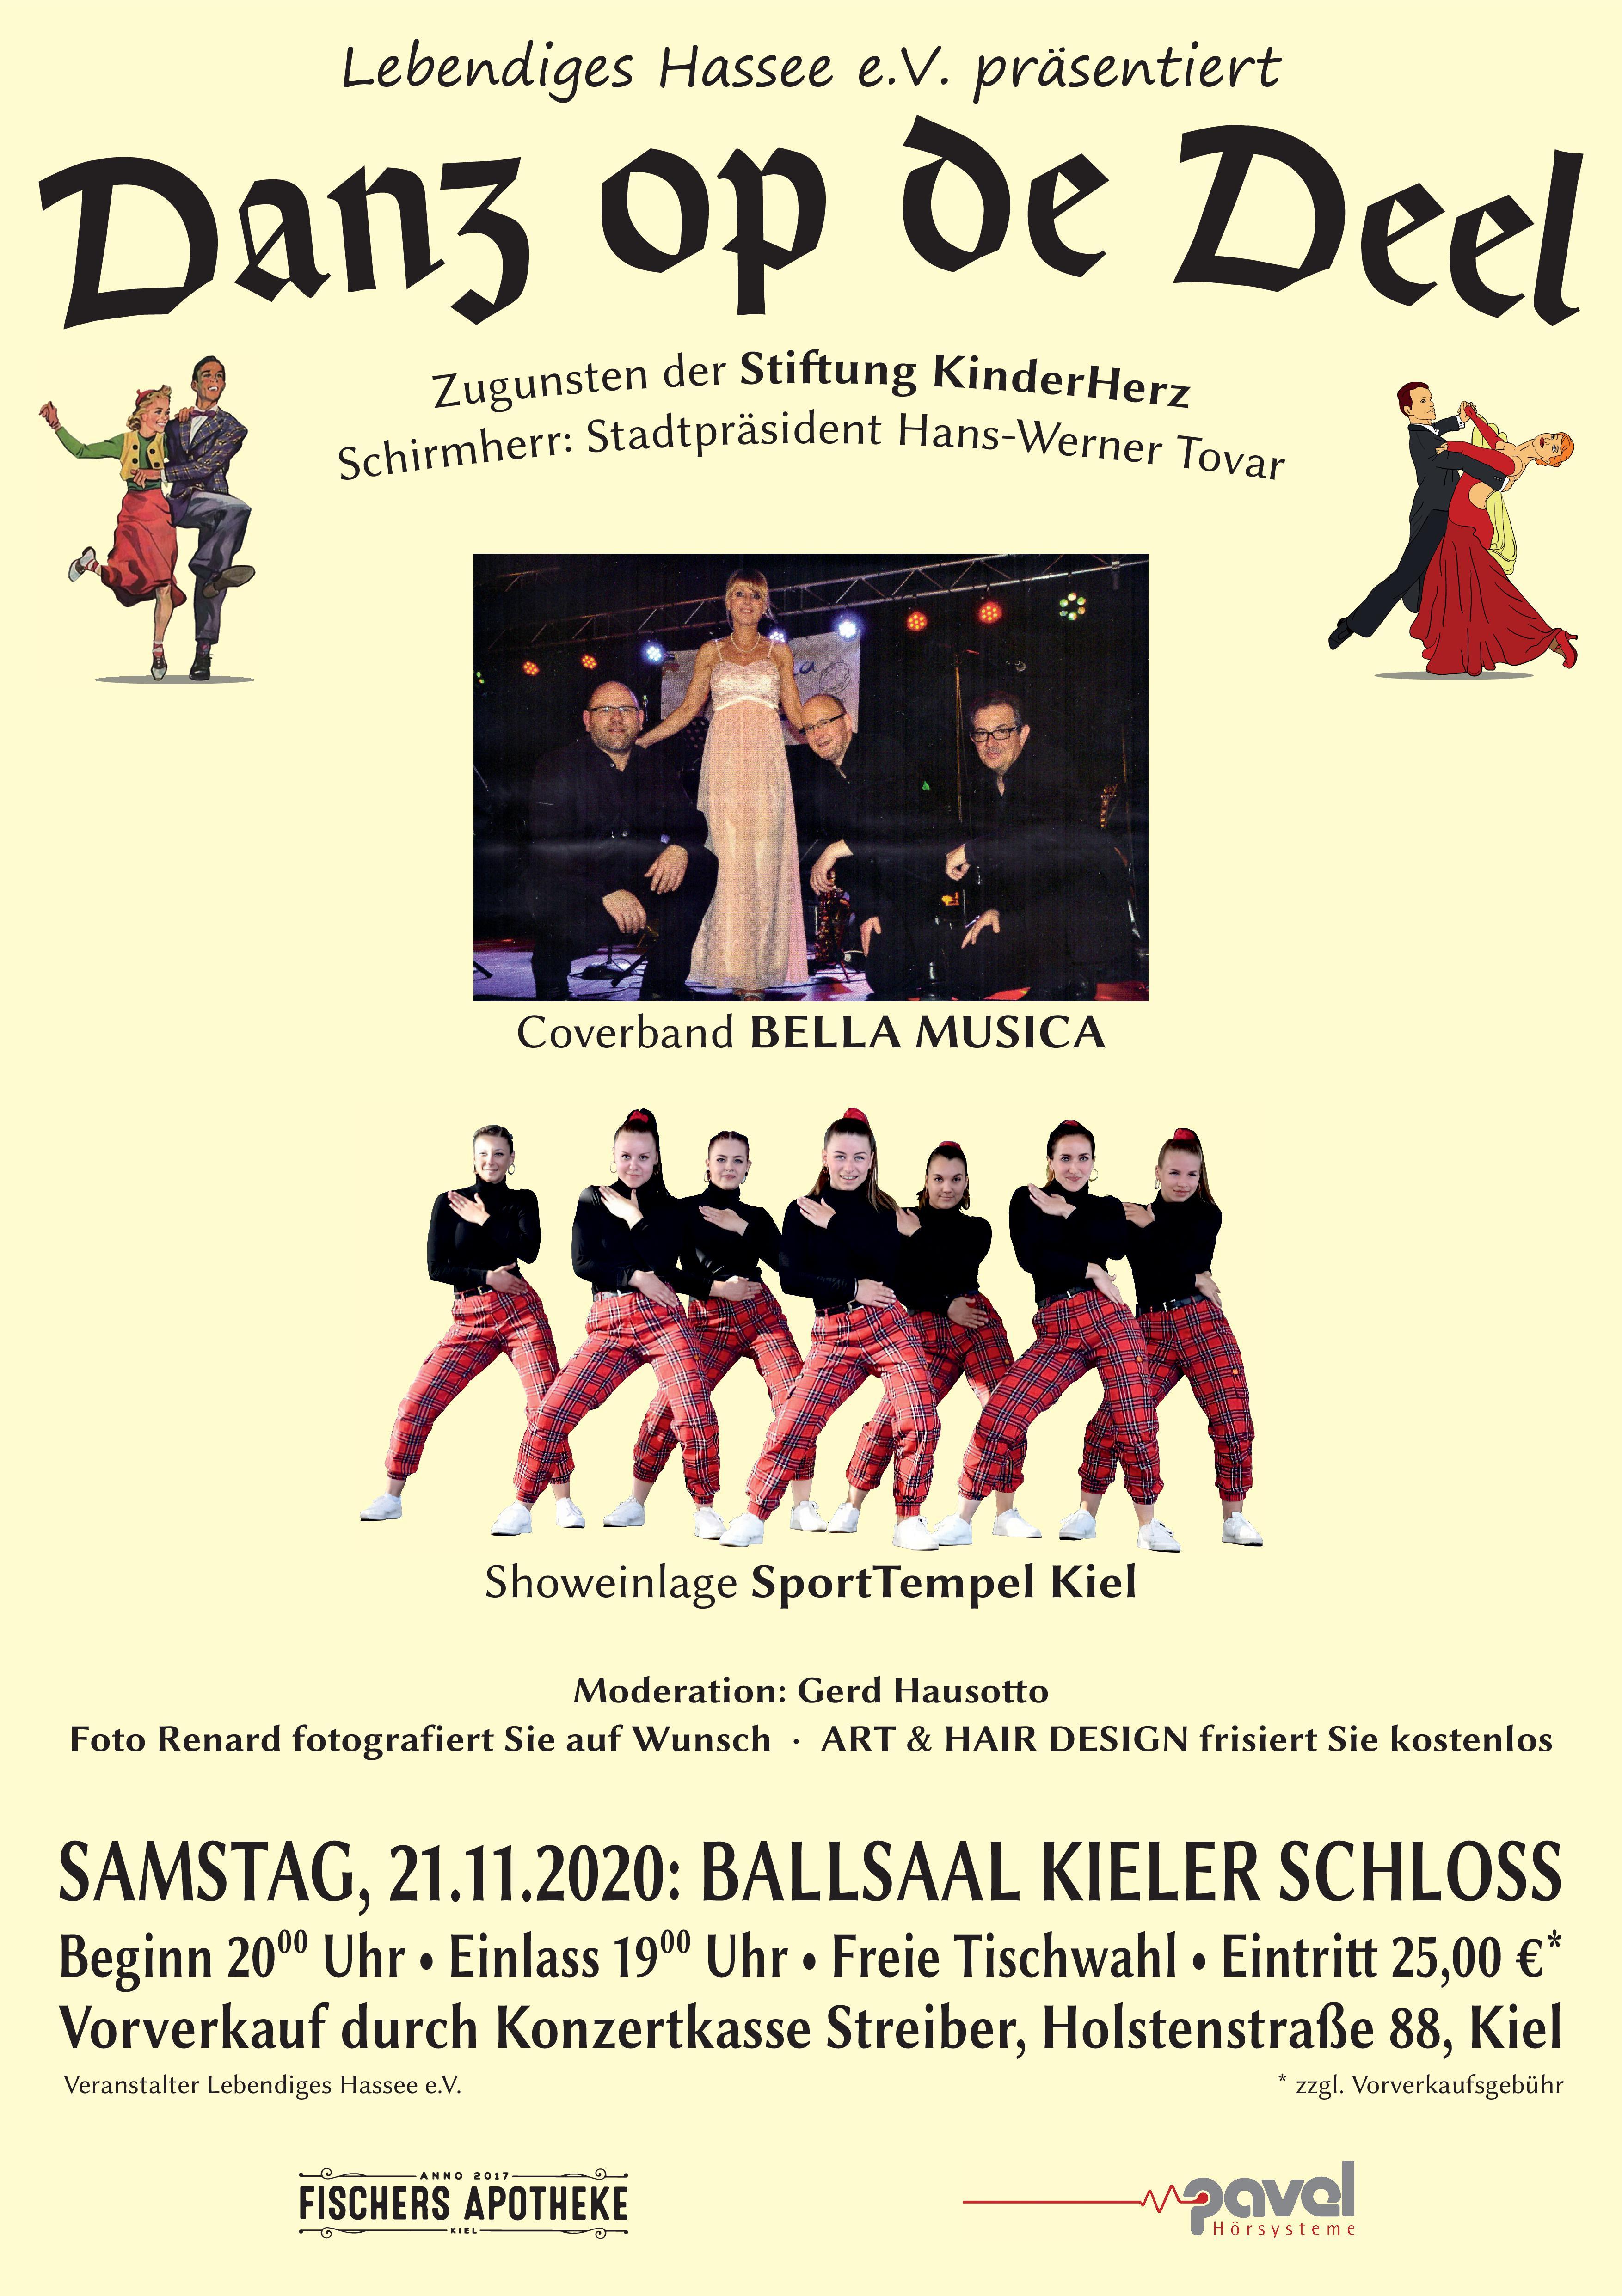 http://www.lebendigeshassee.de/media/image/ball2020-plakat.jpg